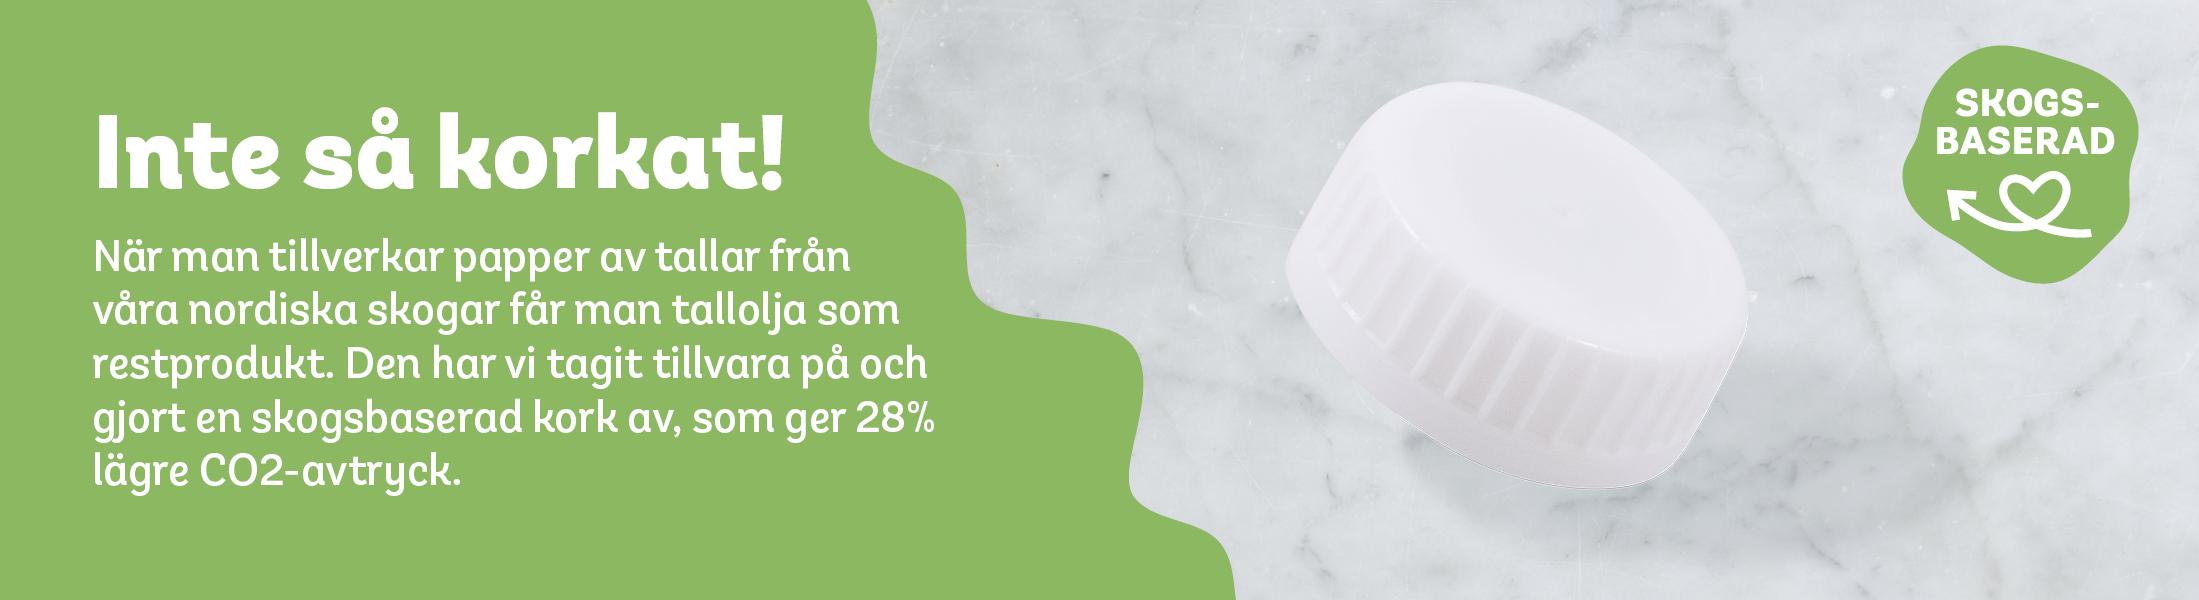 Inte så korkat - När man tillverkar papper av tallar från våra nordiska skogar får man tallolja som restprodukt. Den har vi tagit tillvara på och gjort en skogsbaserad kork av, som ger 28% lägre CO2-avtryck.